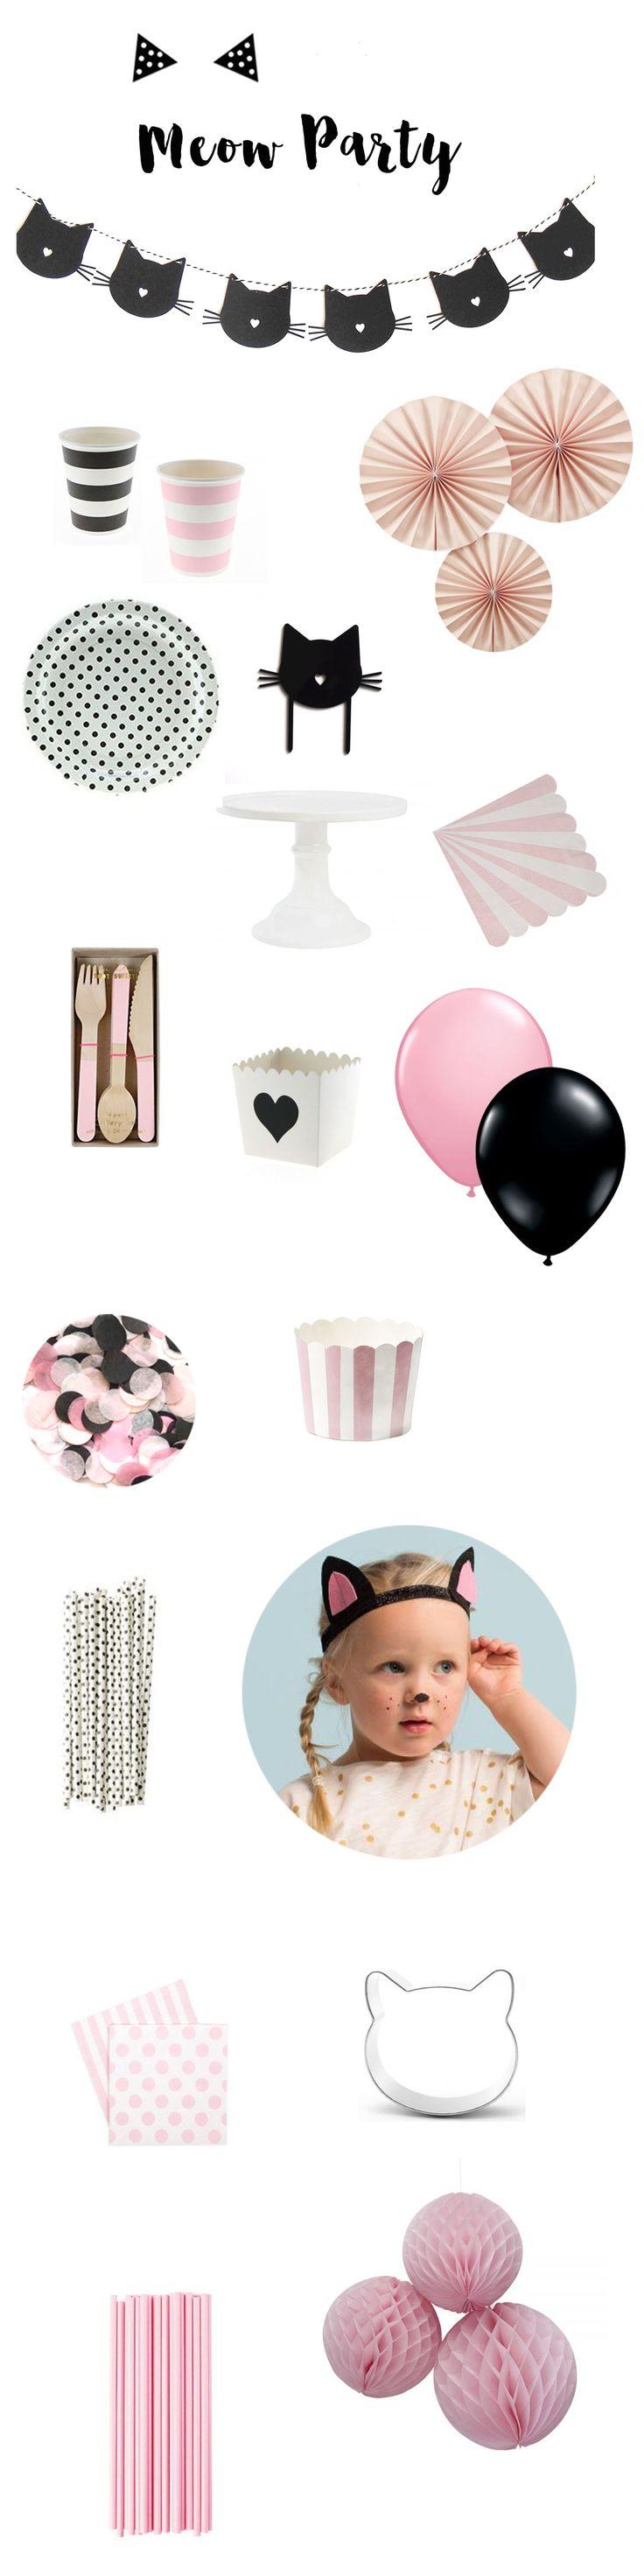 Vaisselle et accessoires de décoration pour une sweet table sur le thème des chats à retrouver sur www.rosecaramelle.fr #sweettable #chat #chatparty #catparty #anniversaire #candybar #babyshower #birthday #catparty